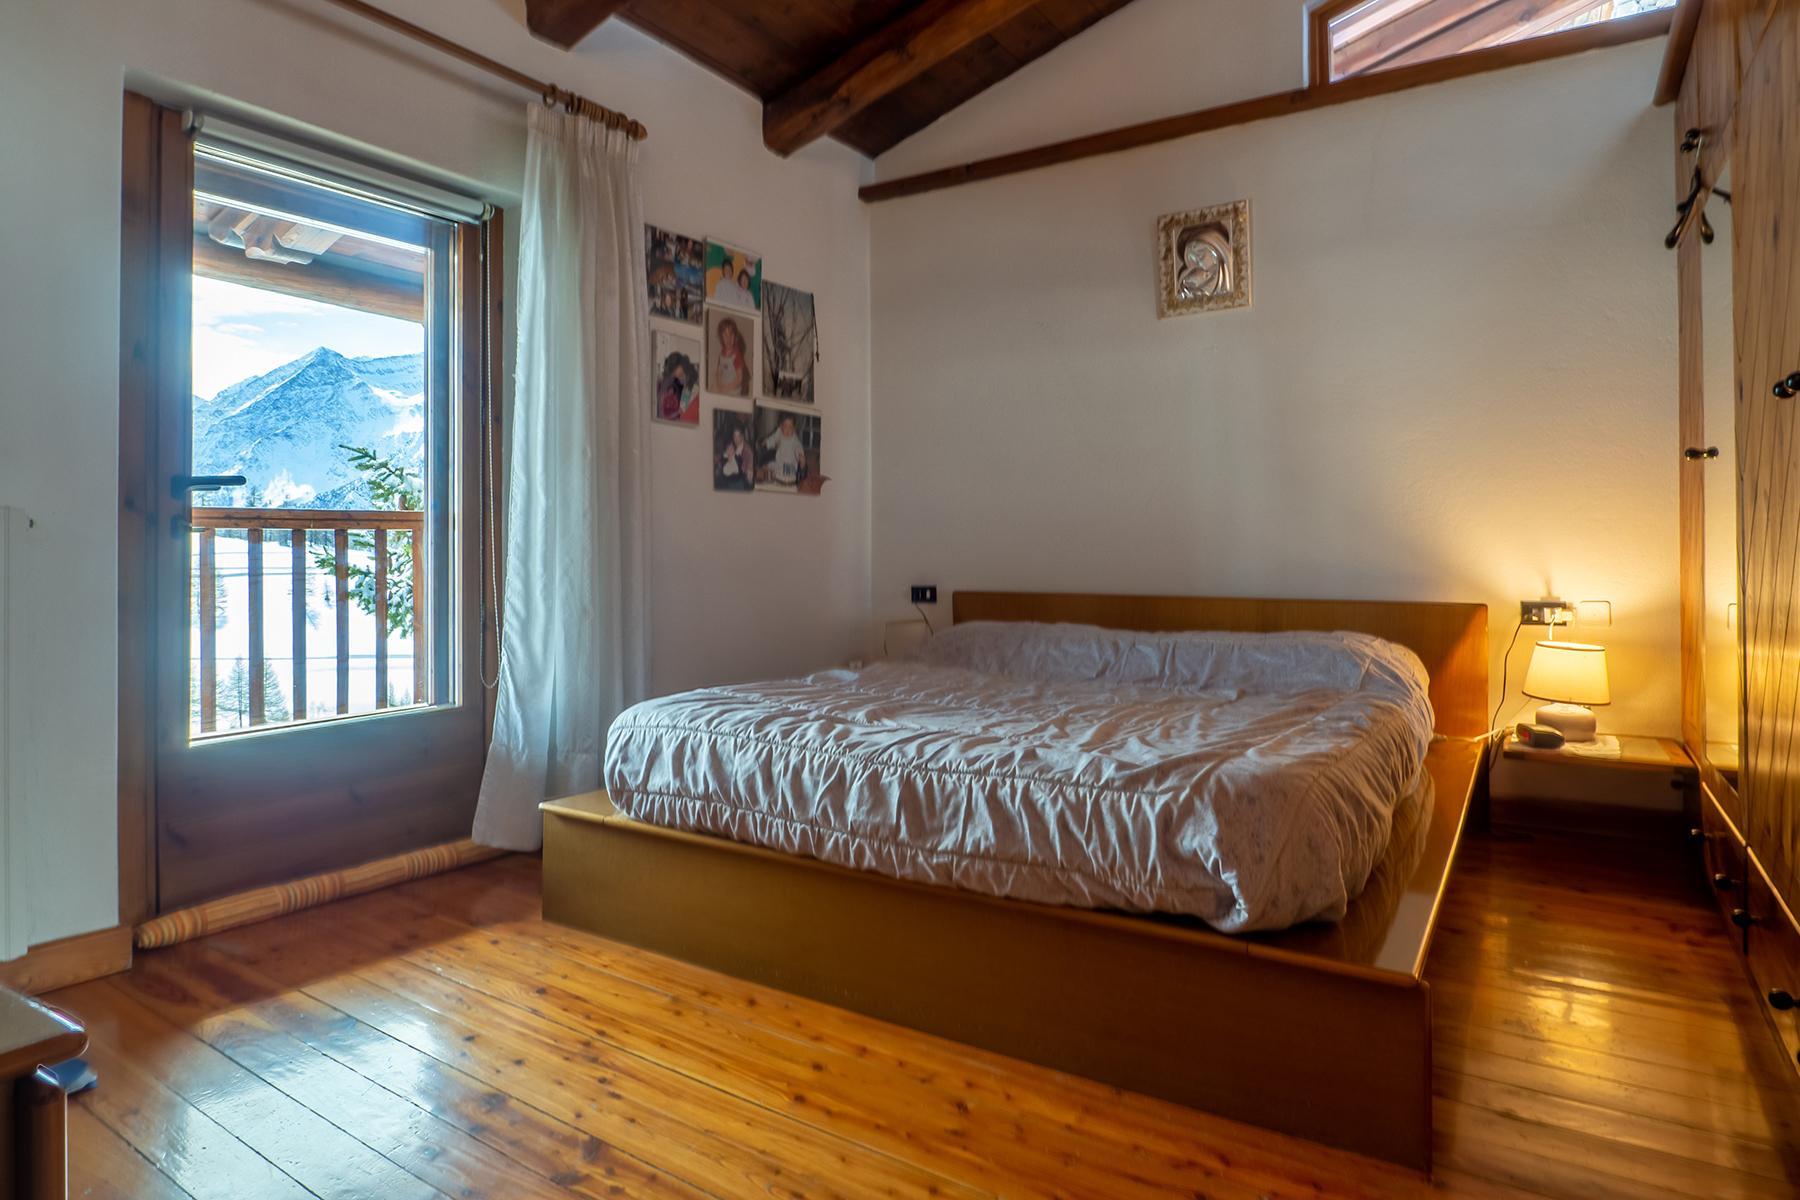 Casa indipendente in Vendita a Sestriere: 5 locali, 240 mq - Foto 13